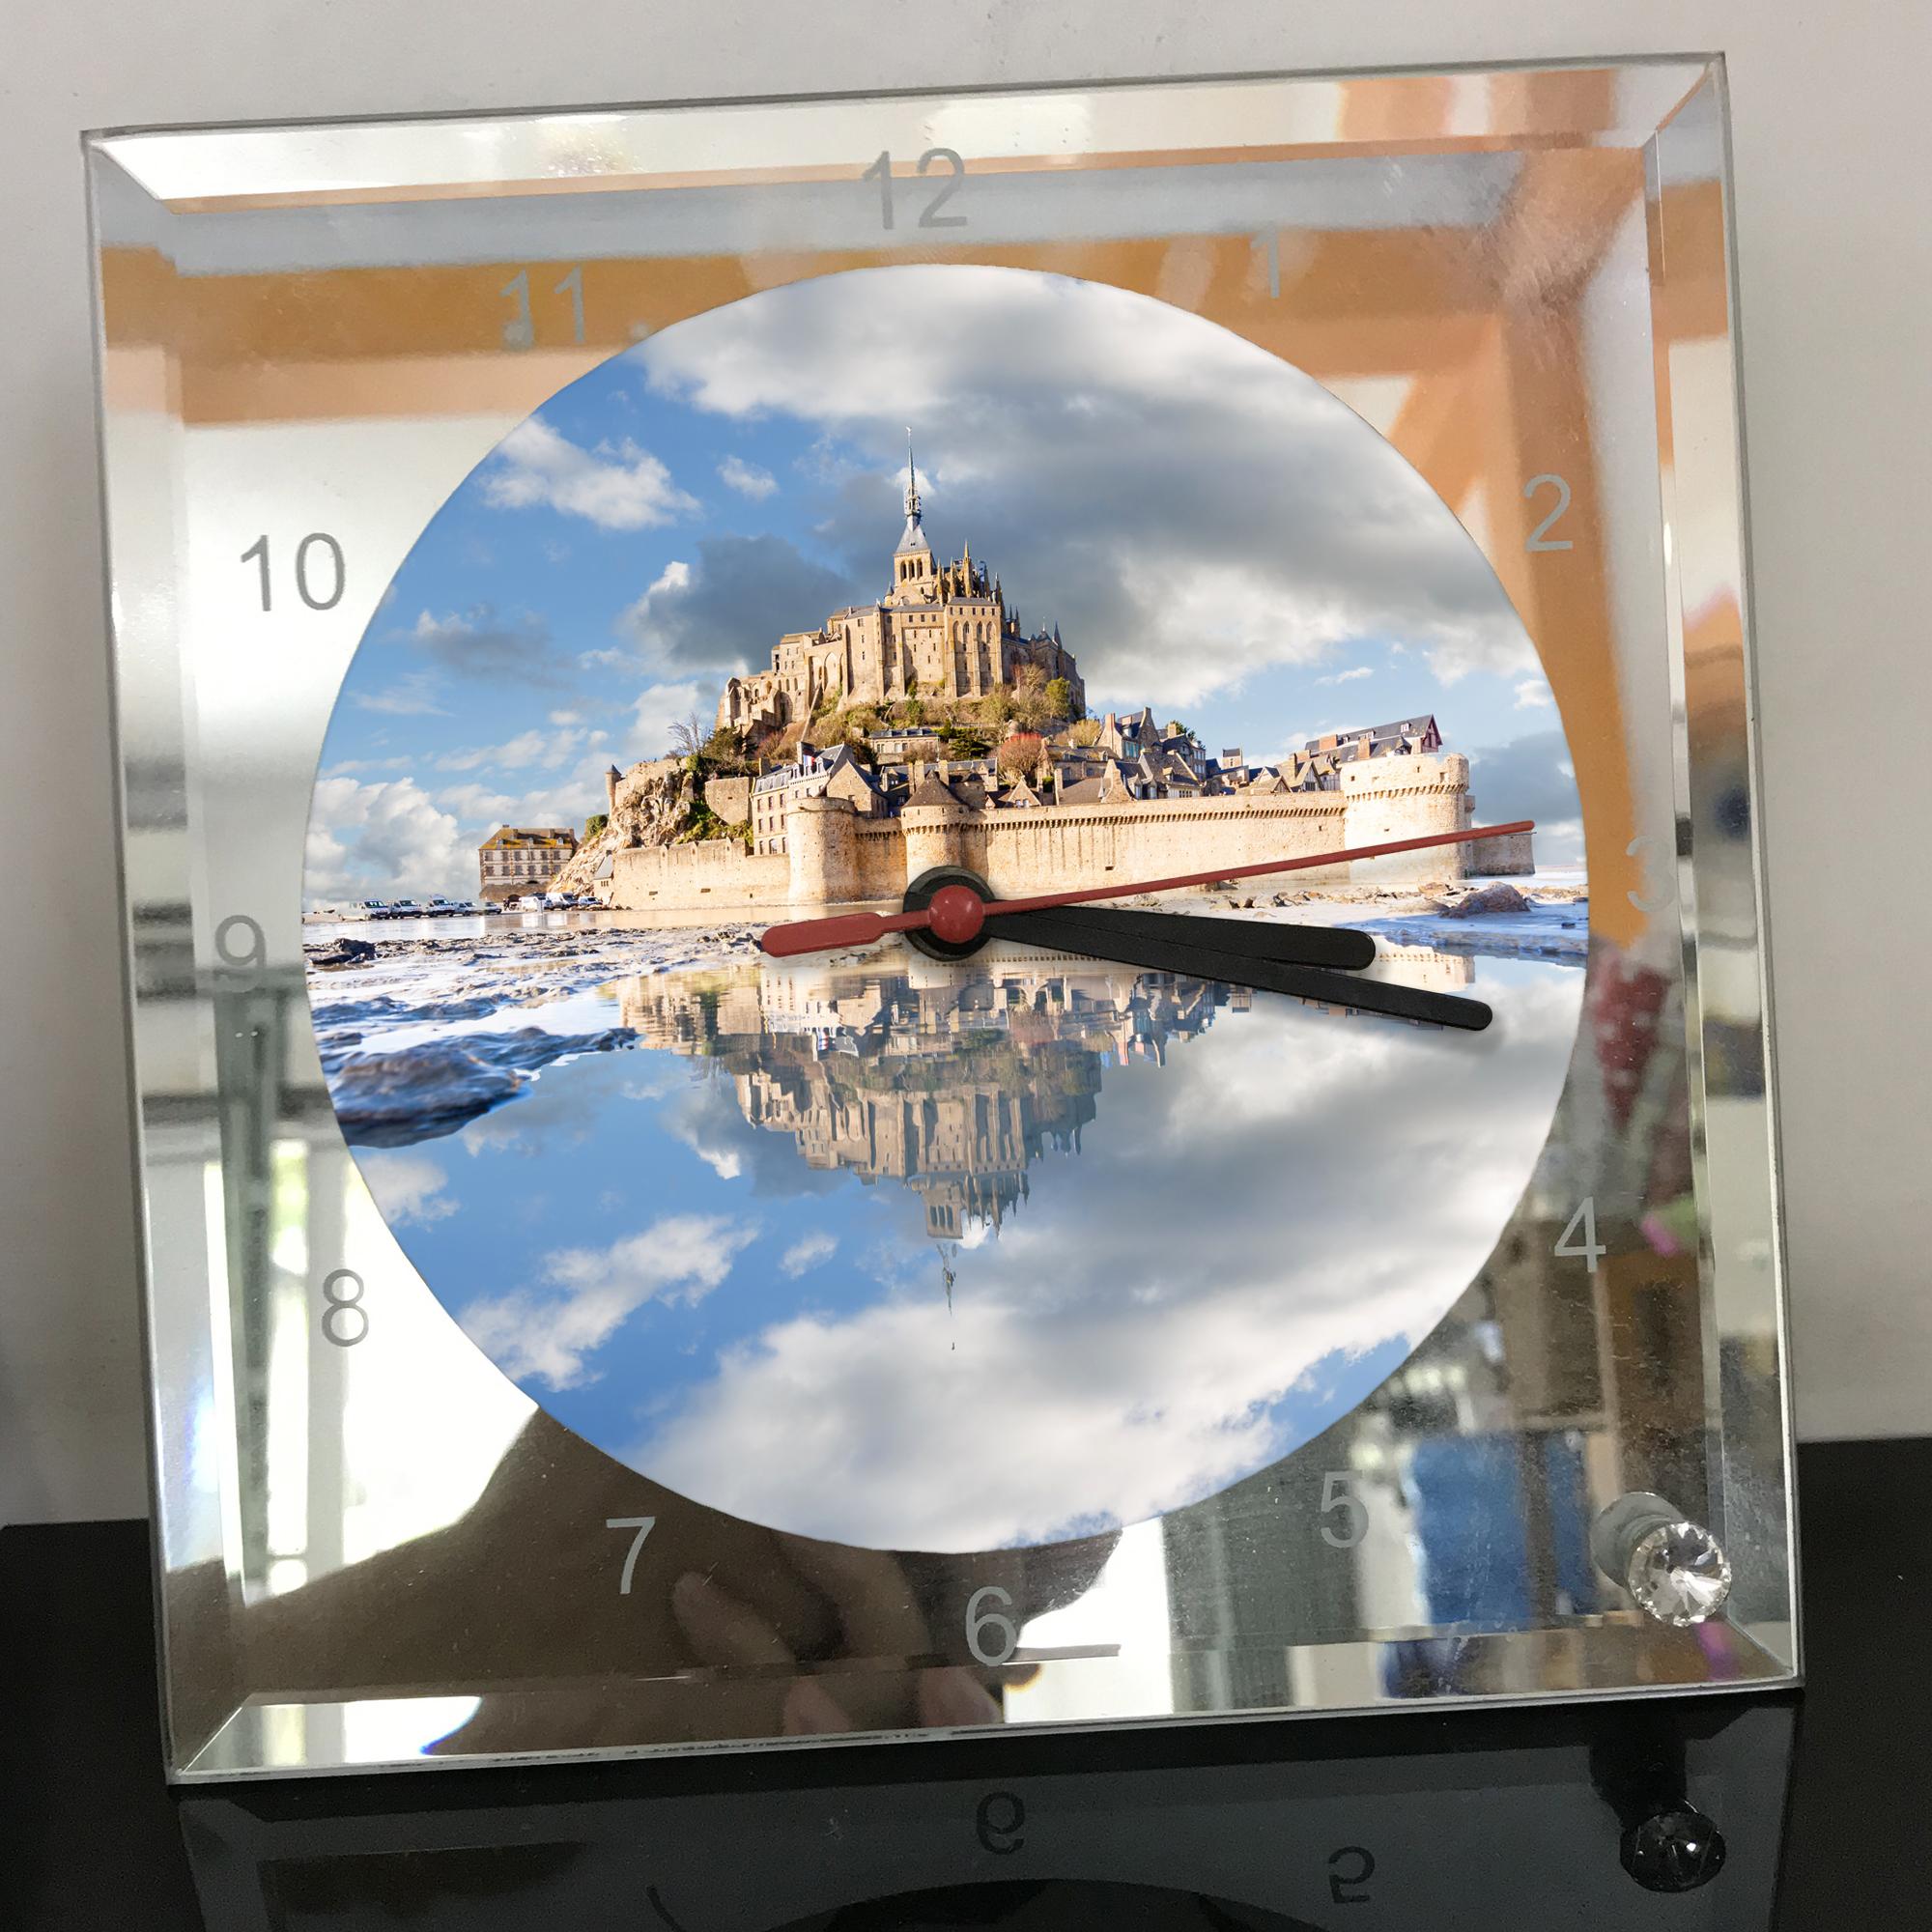 Đồng hồ thủy tinh vuông 20x20 in hình tu viện Mont Saint-Michel (42) . Đồng hồ thủy tinh để bàn trang trí đẹp chủ đề tôn giáo